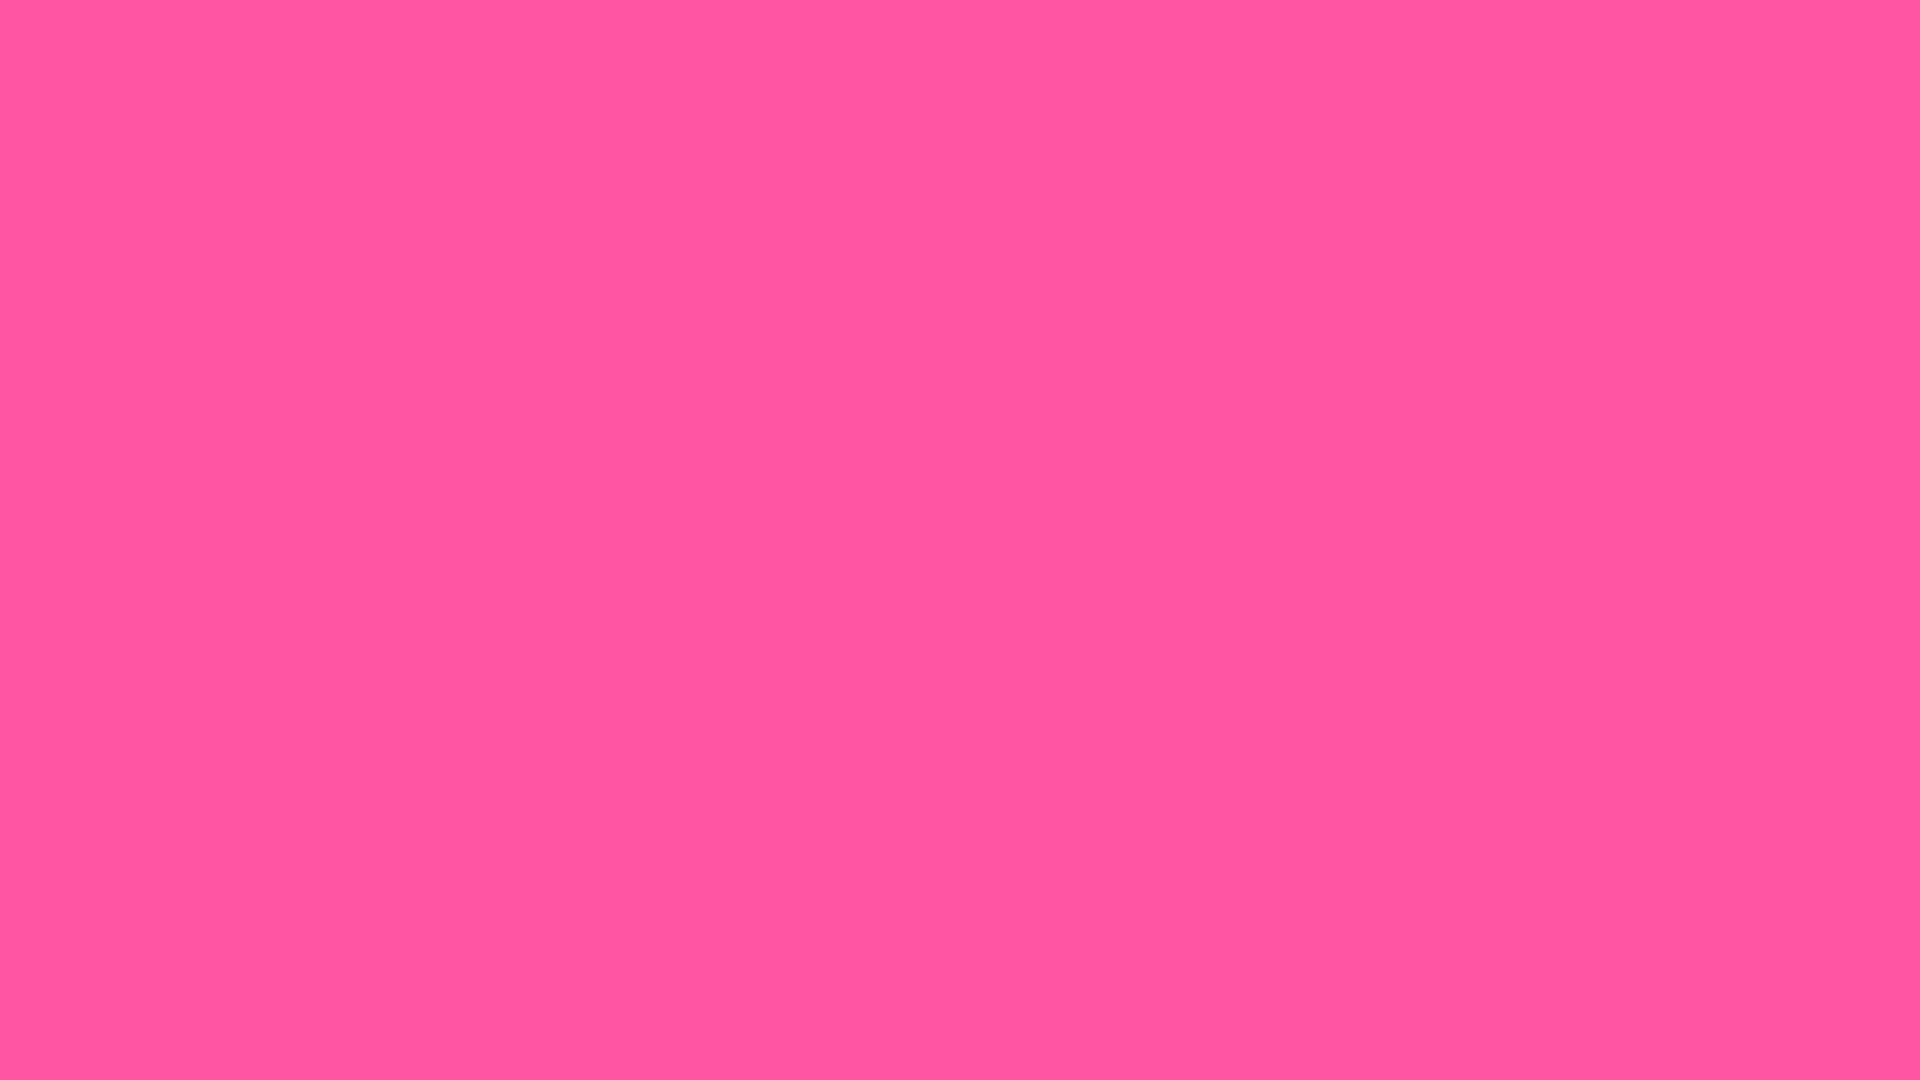 1920x1080 Magenta Crayola Solid Color Background